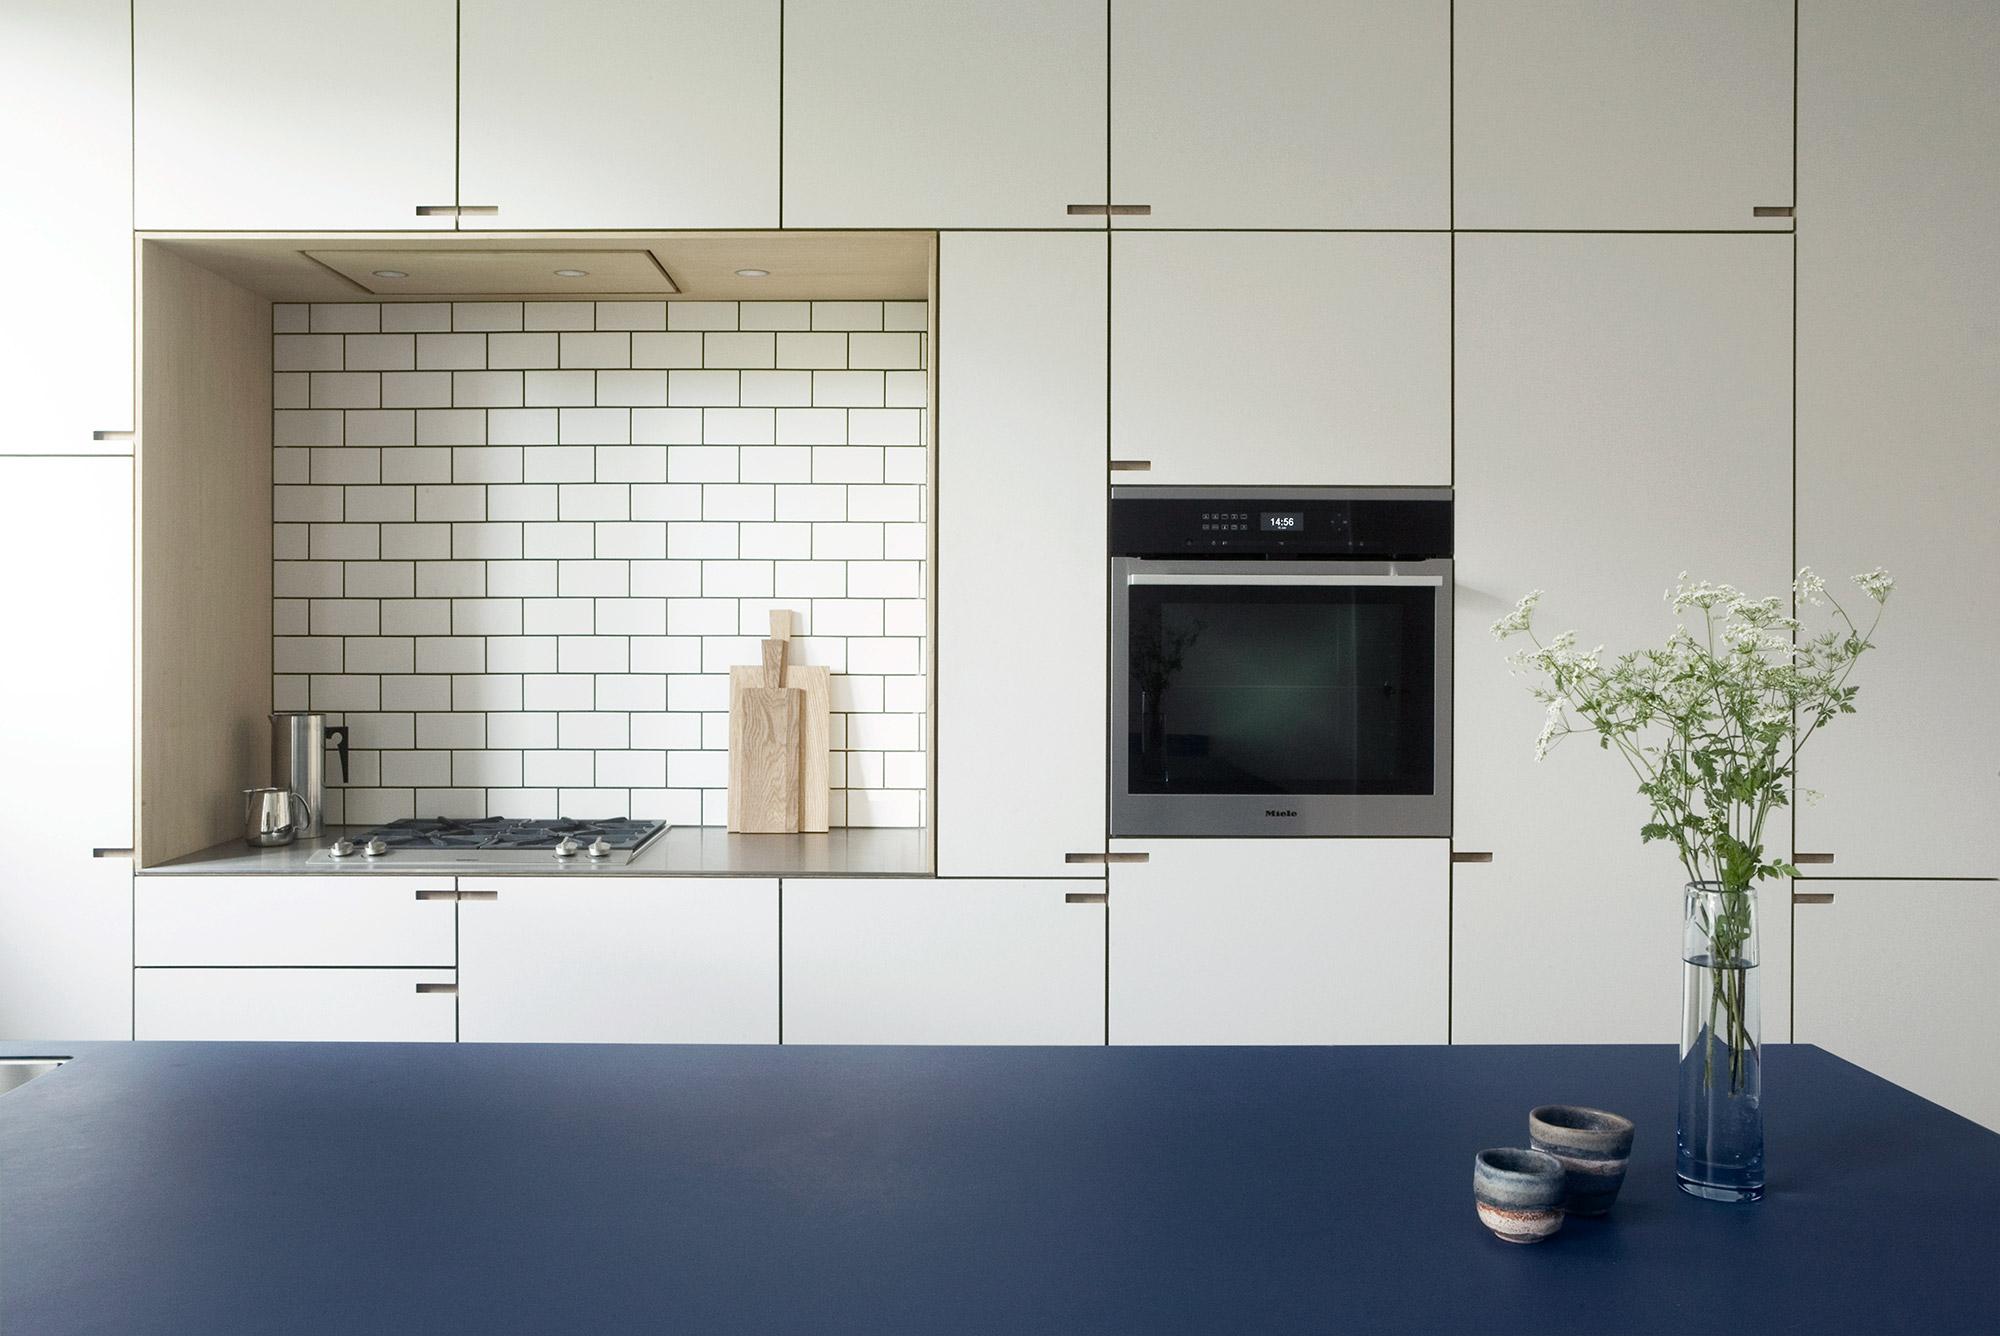 Snedkerkøkkenet Rahbæks Allé, Frederiksberg - designet og produceret af Nicolaj Bo™